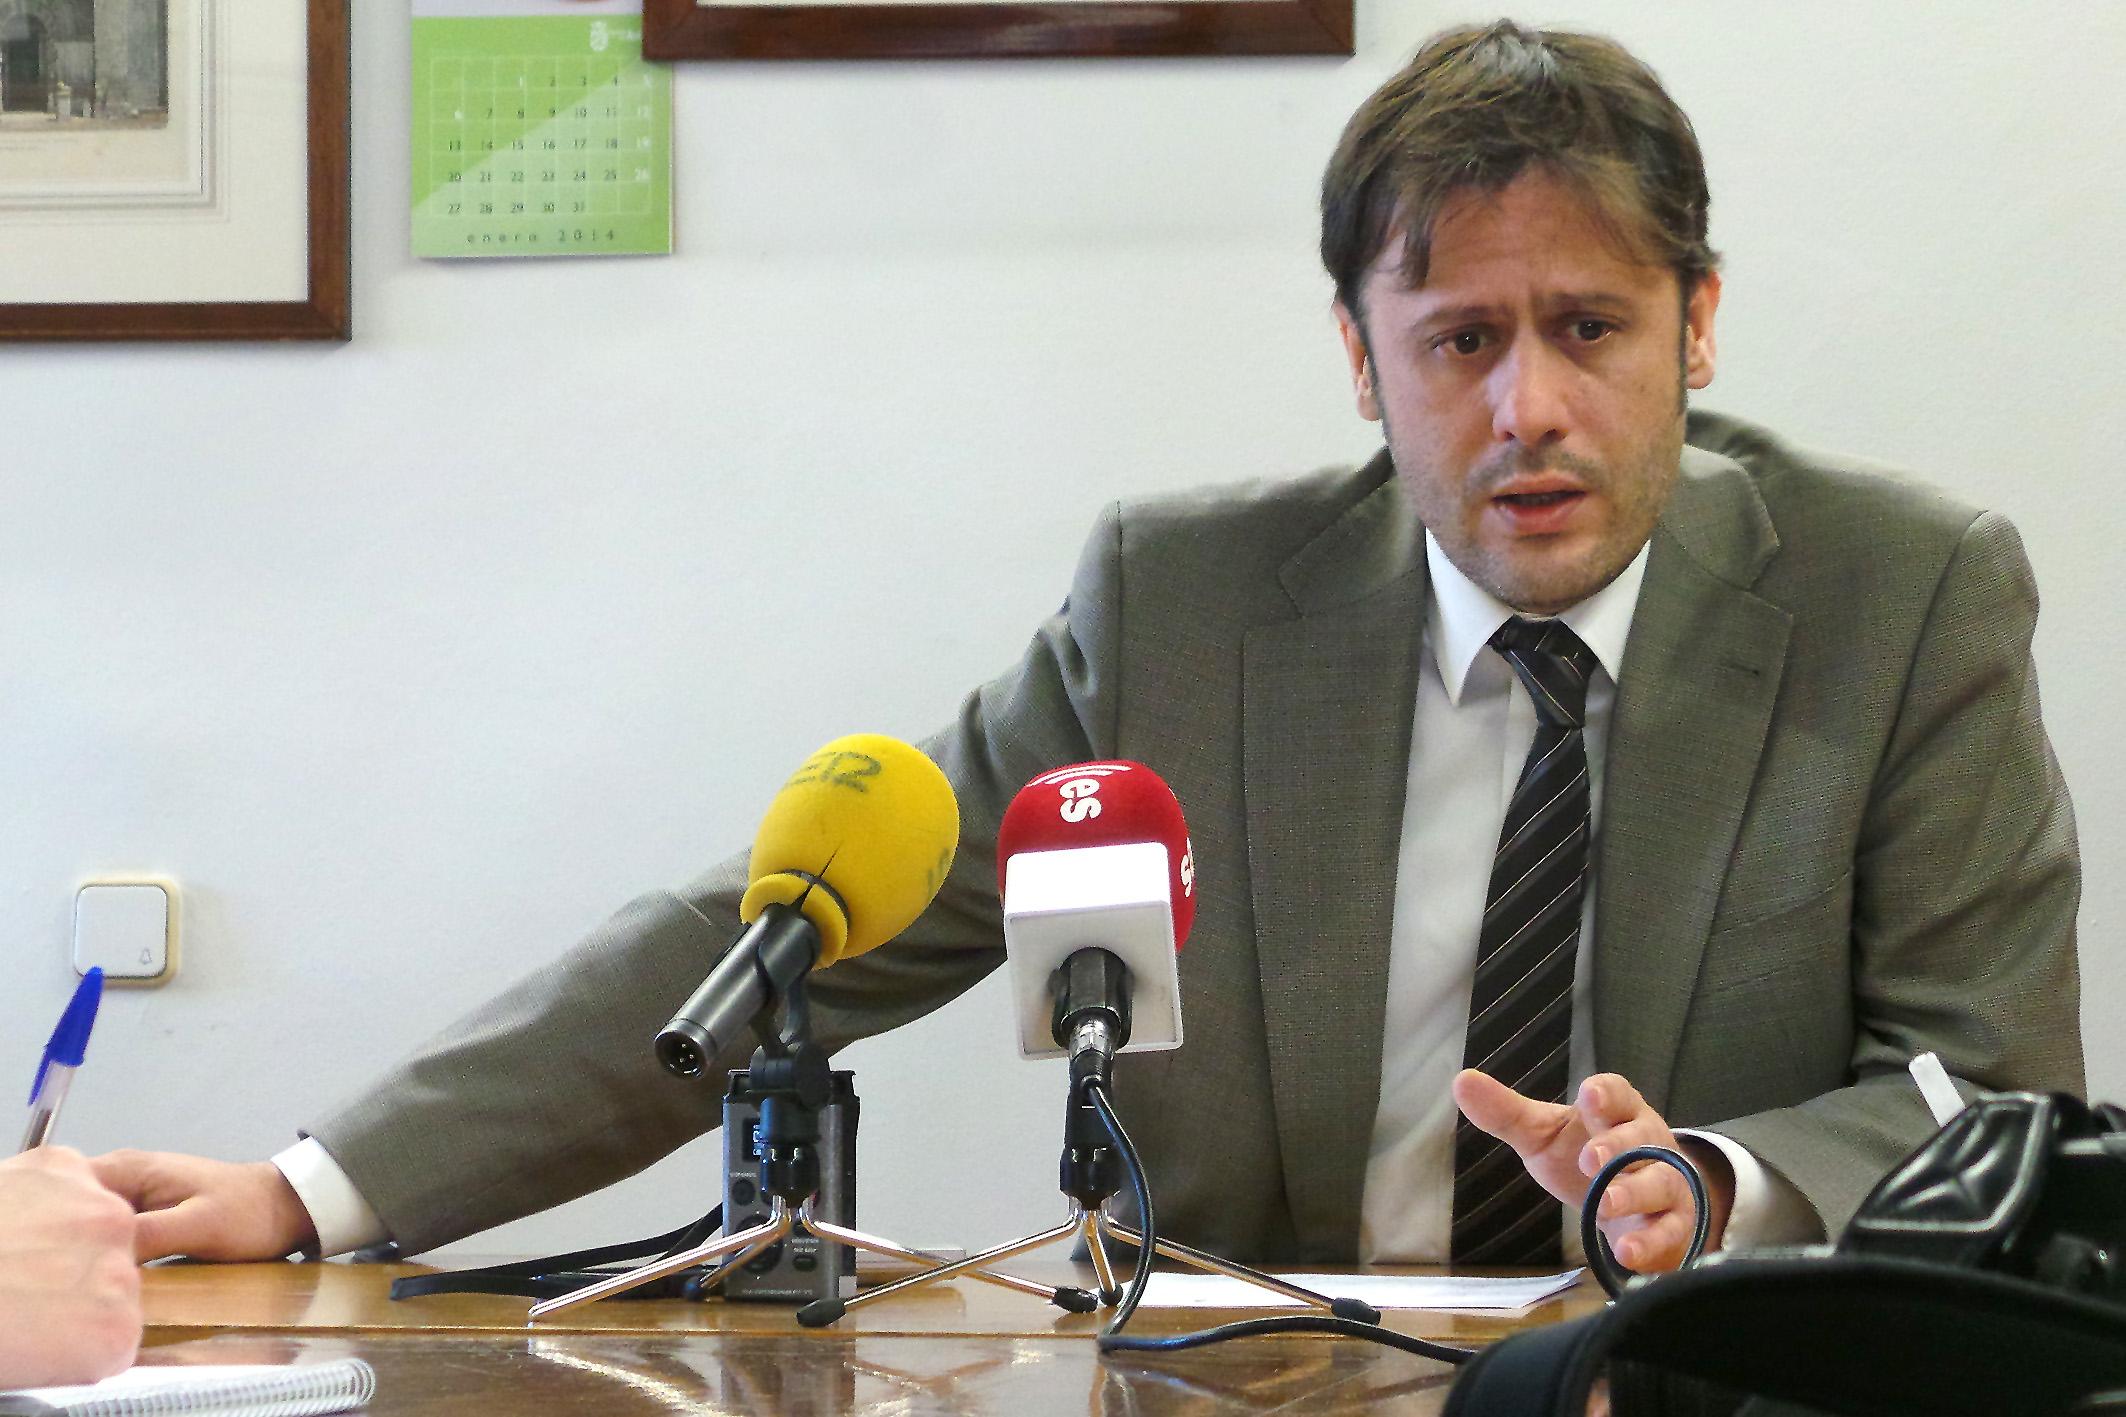 Óscar Tapias Grégoris candidado a alcalde del PSOE de Arenas de San Pedro